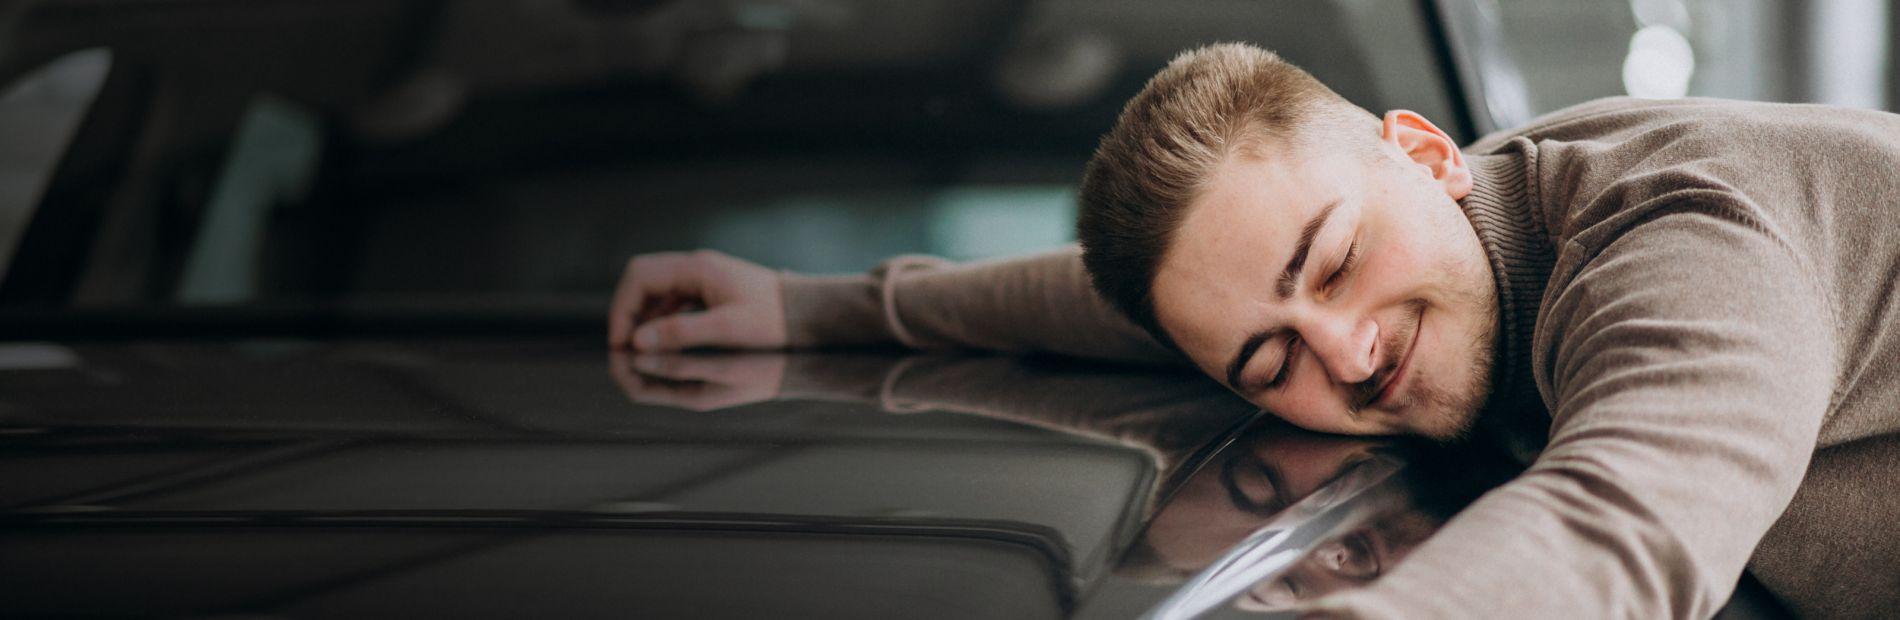 Кредит на авто под залог с плохой кредитной историей